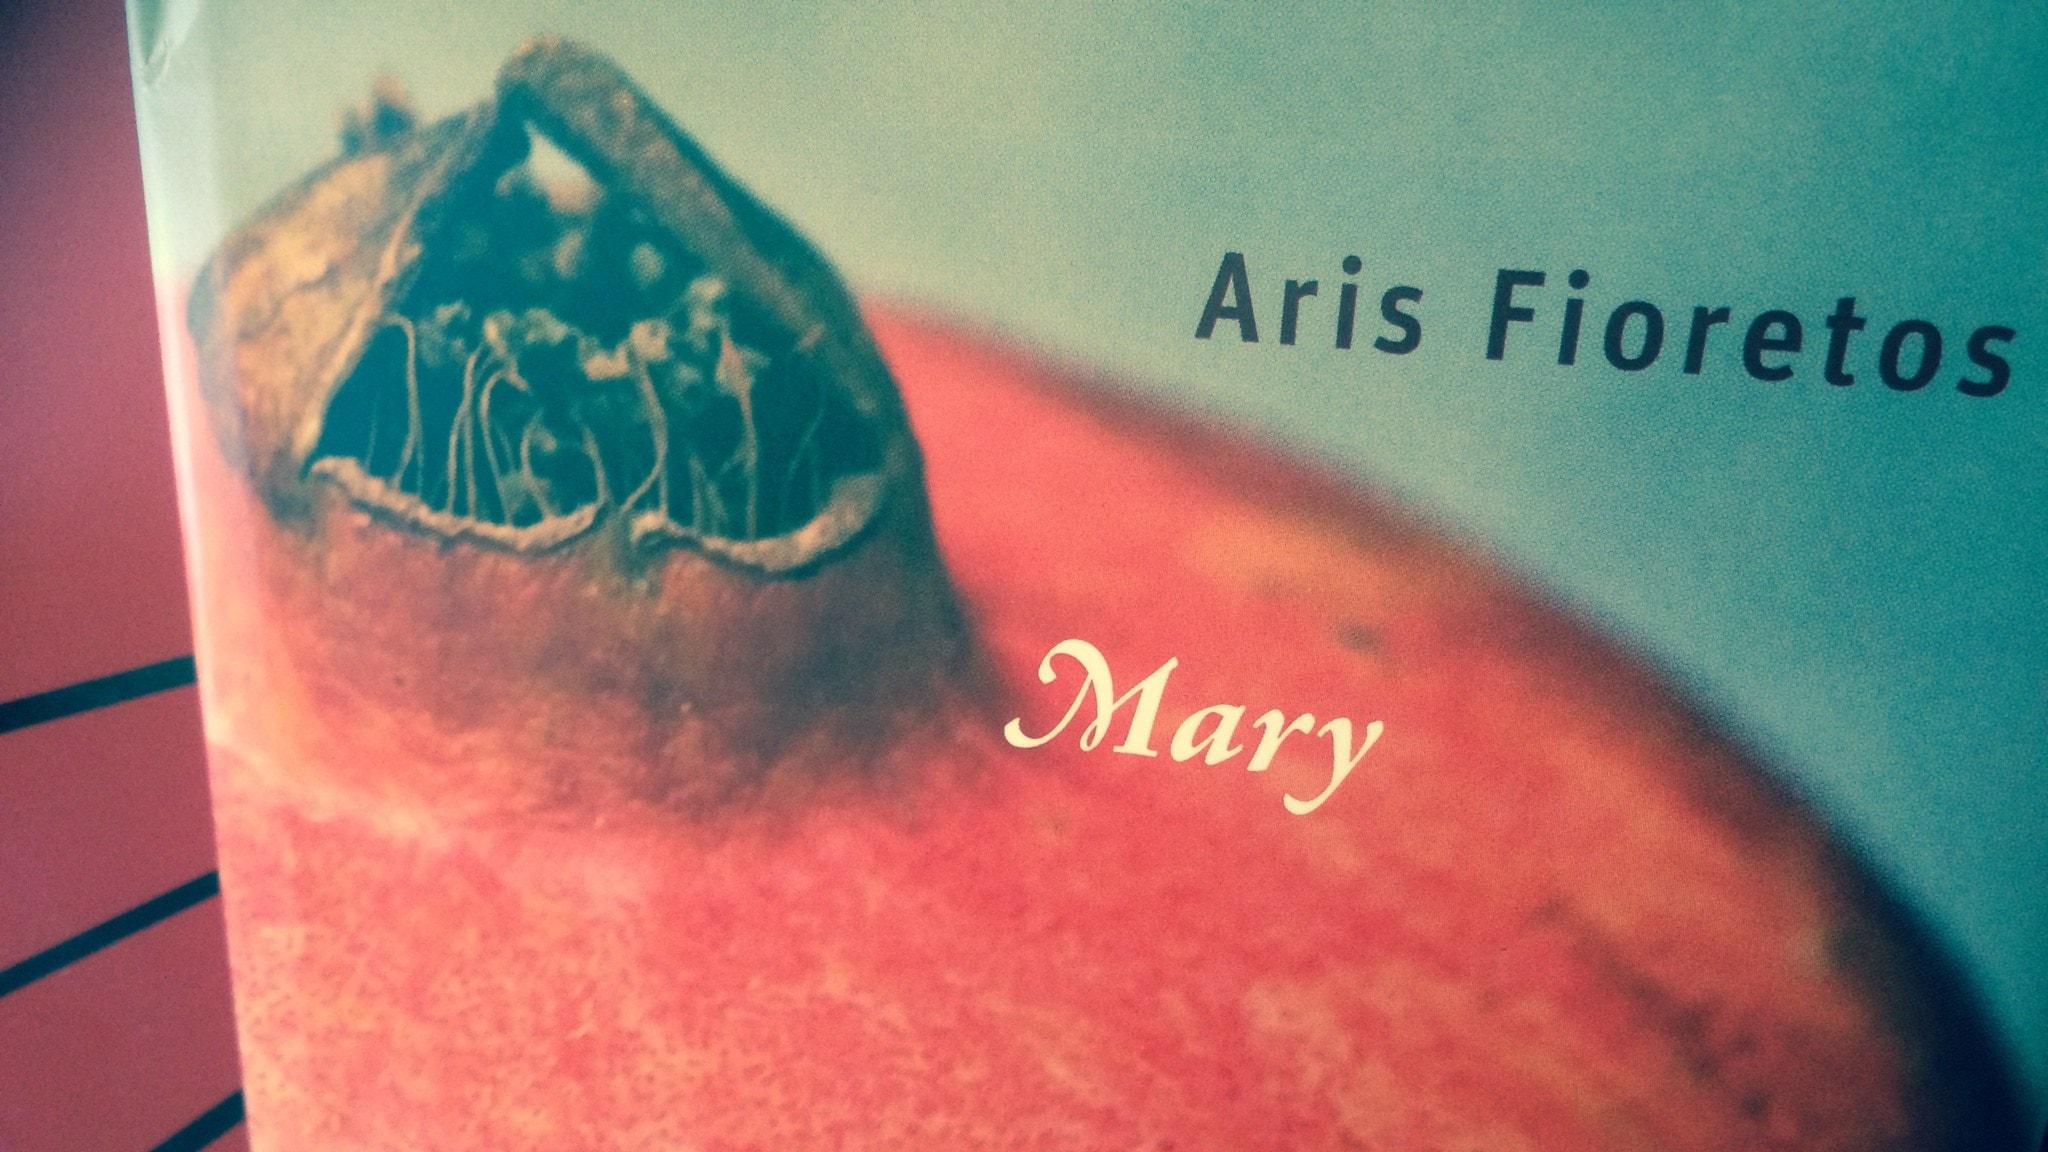 Romanprisjuryn diskuterar bok 2: Mary av Aris Fioretos